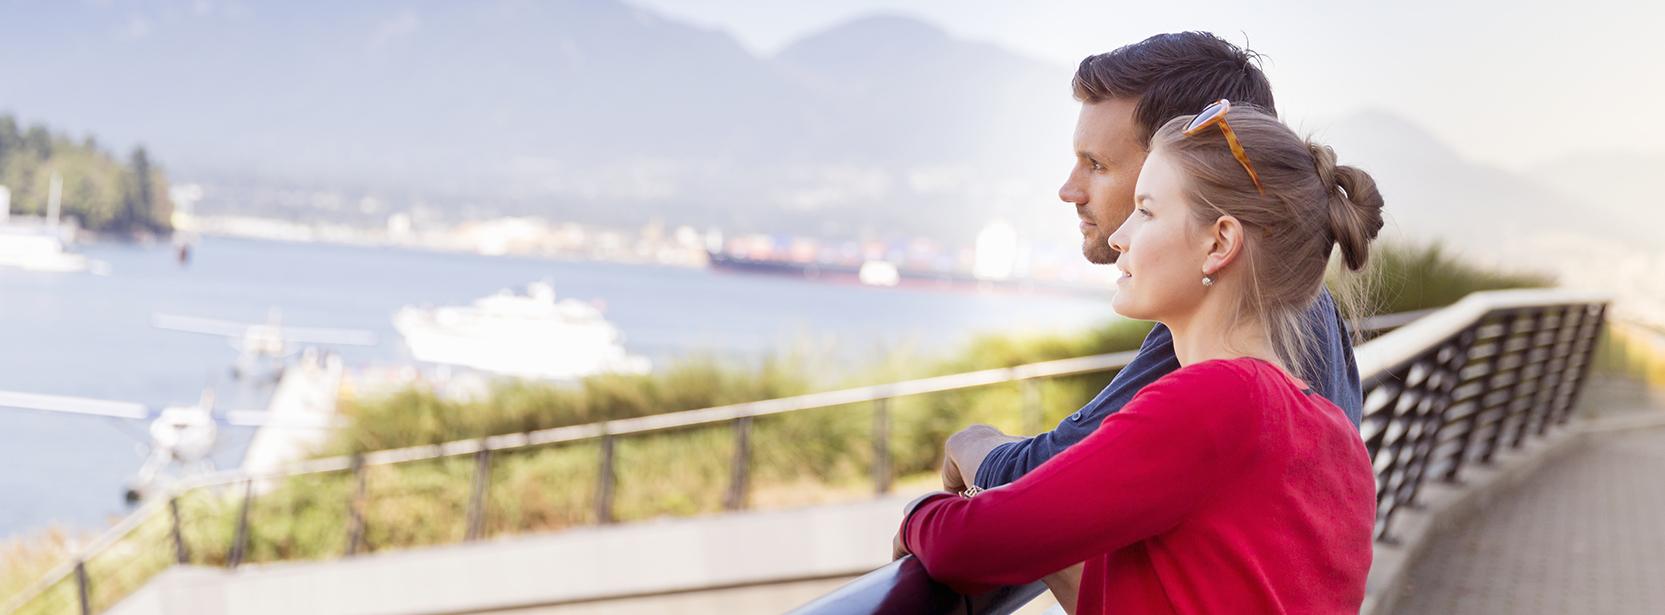 Man and women overlooking floatplanes in Vancouver harbour